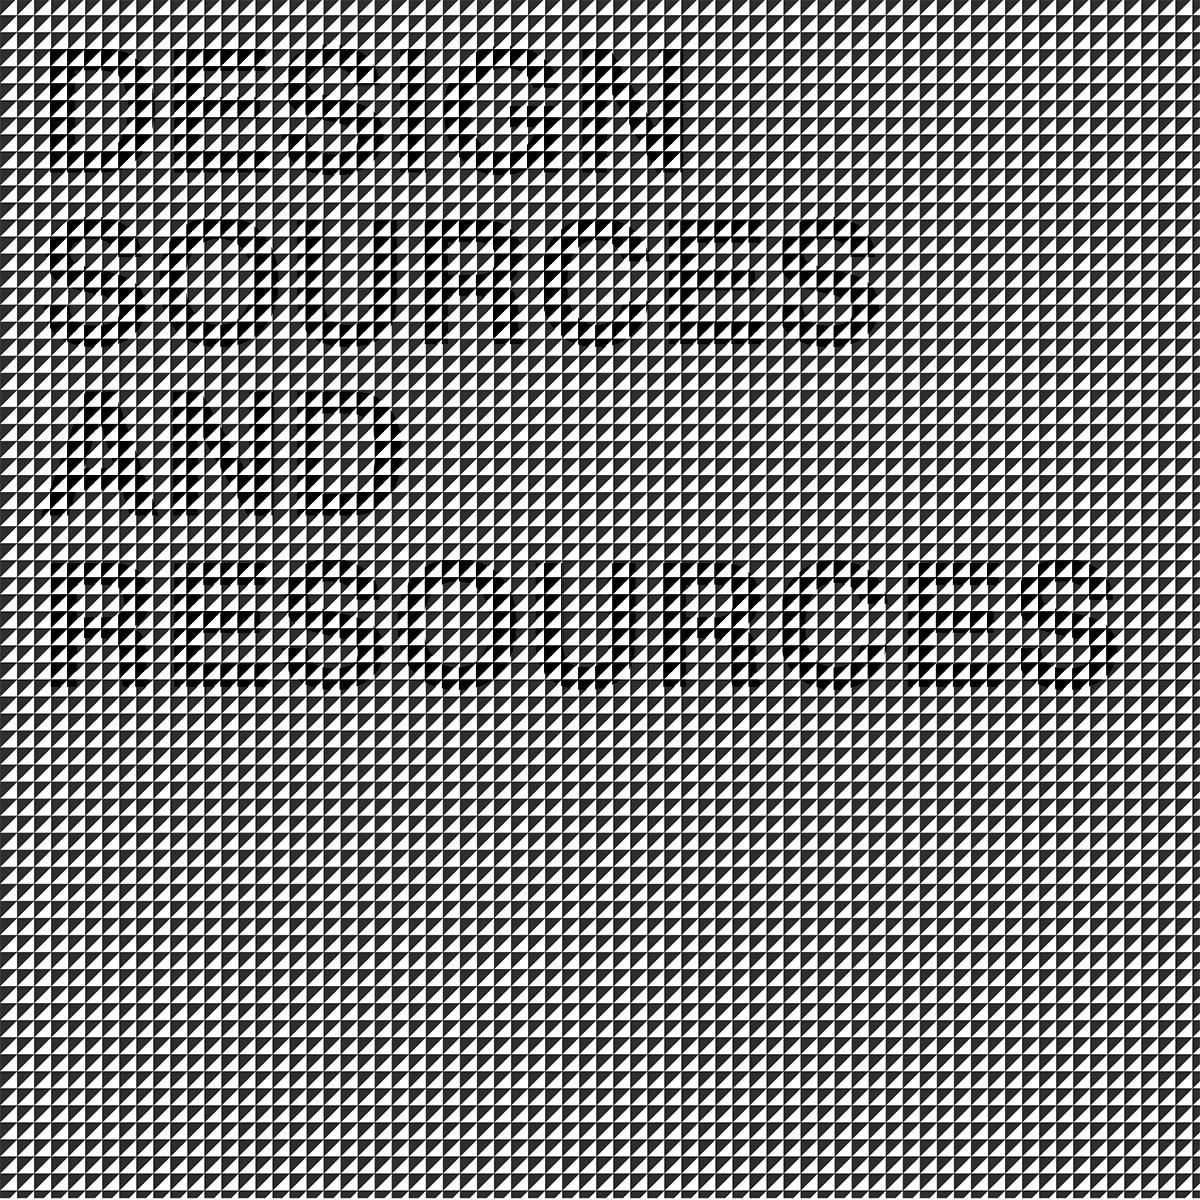 typeexp1.jpg